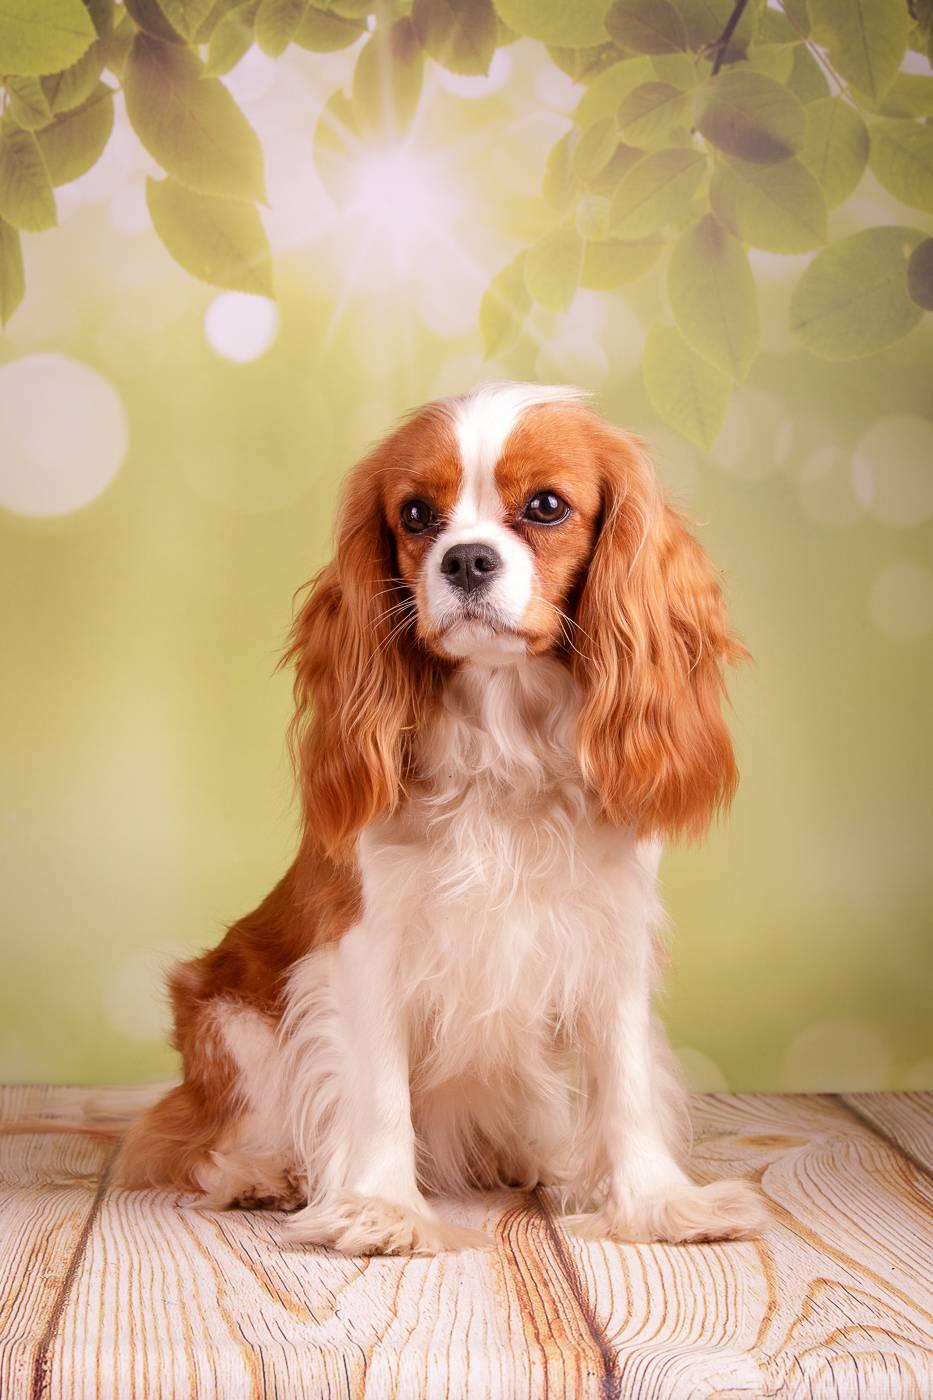 Кавалер-кинг-чарльз-спаниель: описание породы собак с фото и видео